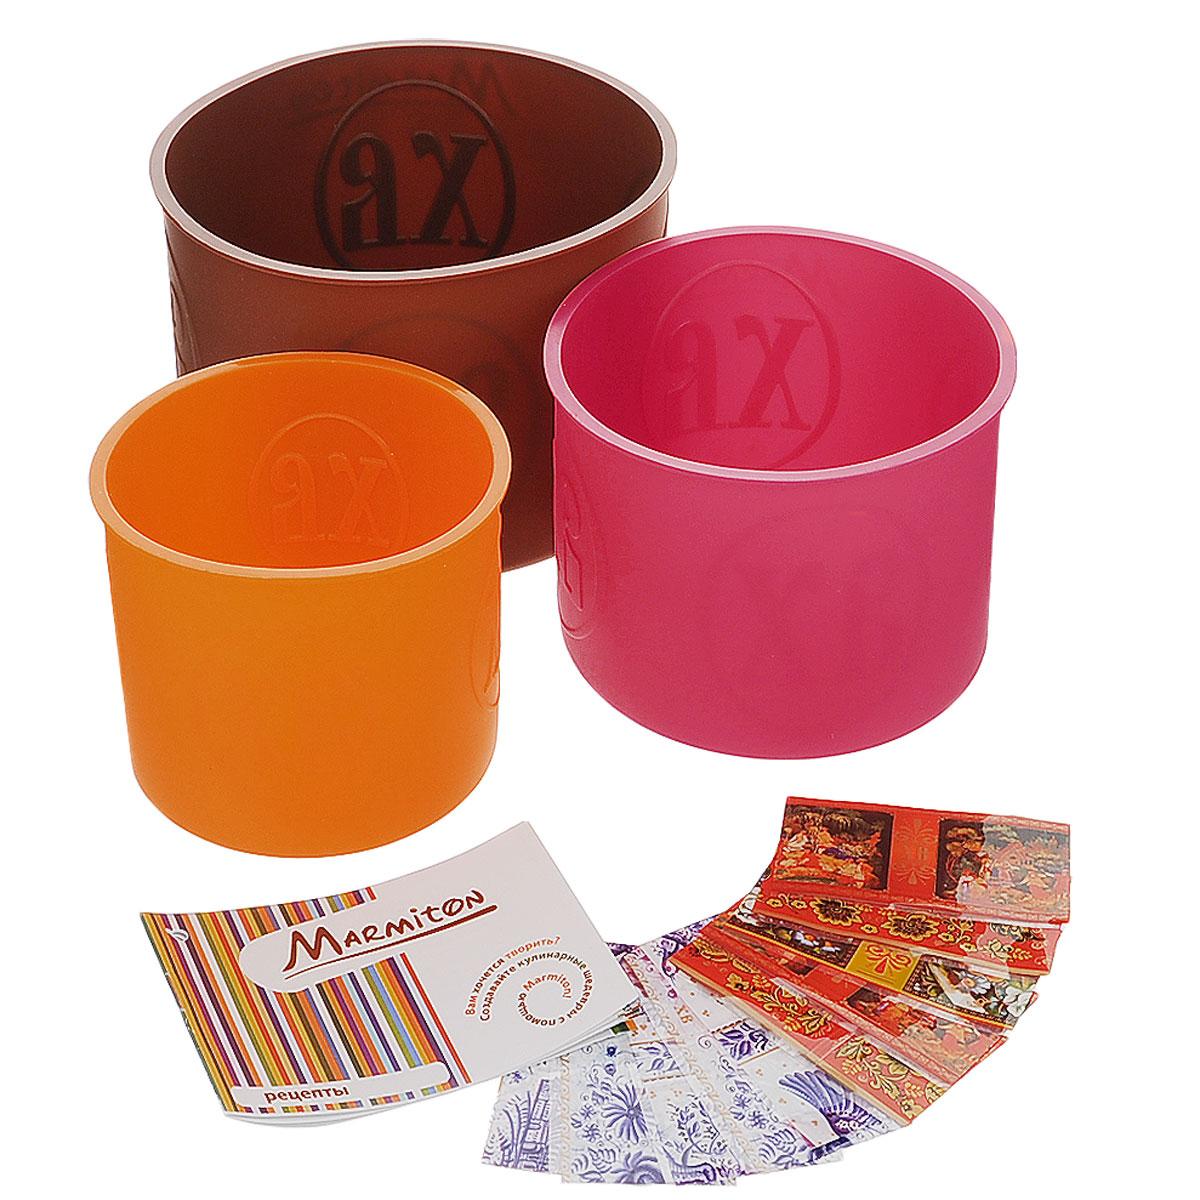 Набор силиконовых форм для выпечки куличей Пасхальный, 3 шт + ПОДАРОК: украшения для пасхальных яиц, 10 шт16124Набор Пасхальный состоит из 3 форм, изготовленных из силикона и предназначенных для приготовления куличей и другой выпечки. Материал устойчив к фруктовым кислотам, к воздействию низких и высоких температур. Силикон не взаимодействует с продуктами питания и не впитывает запахи как при нагревании, так и при заморозке. Обладает естественным антипригарным свойством. В набор также входят 10 наклеек из термопленки для украшения пасхальных яиц и буклет с рецептами. Использовать при температуре от -40°C до 230°С. Можно использовать в духовках и микроволновых печах, мыть и сушить в посудомоечной машине.